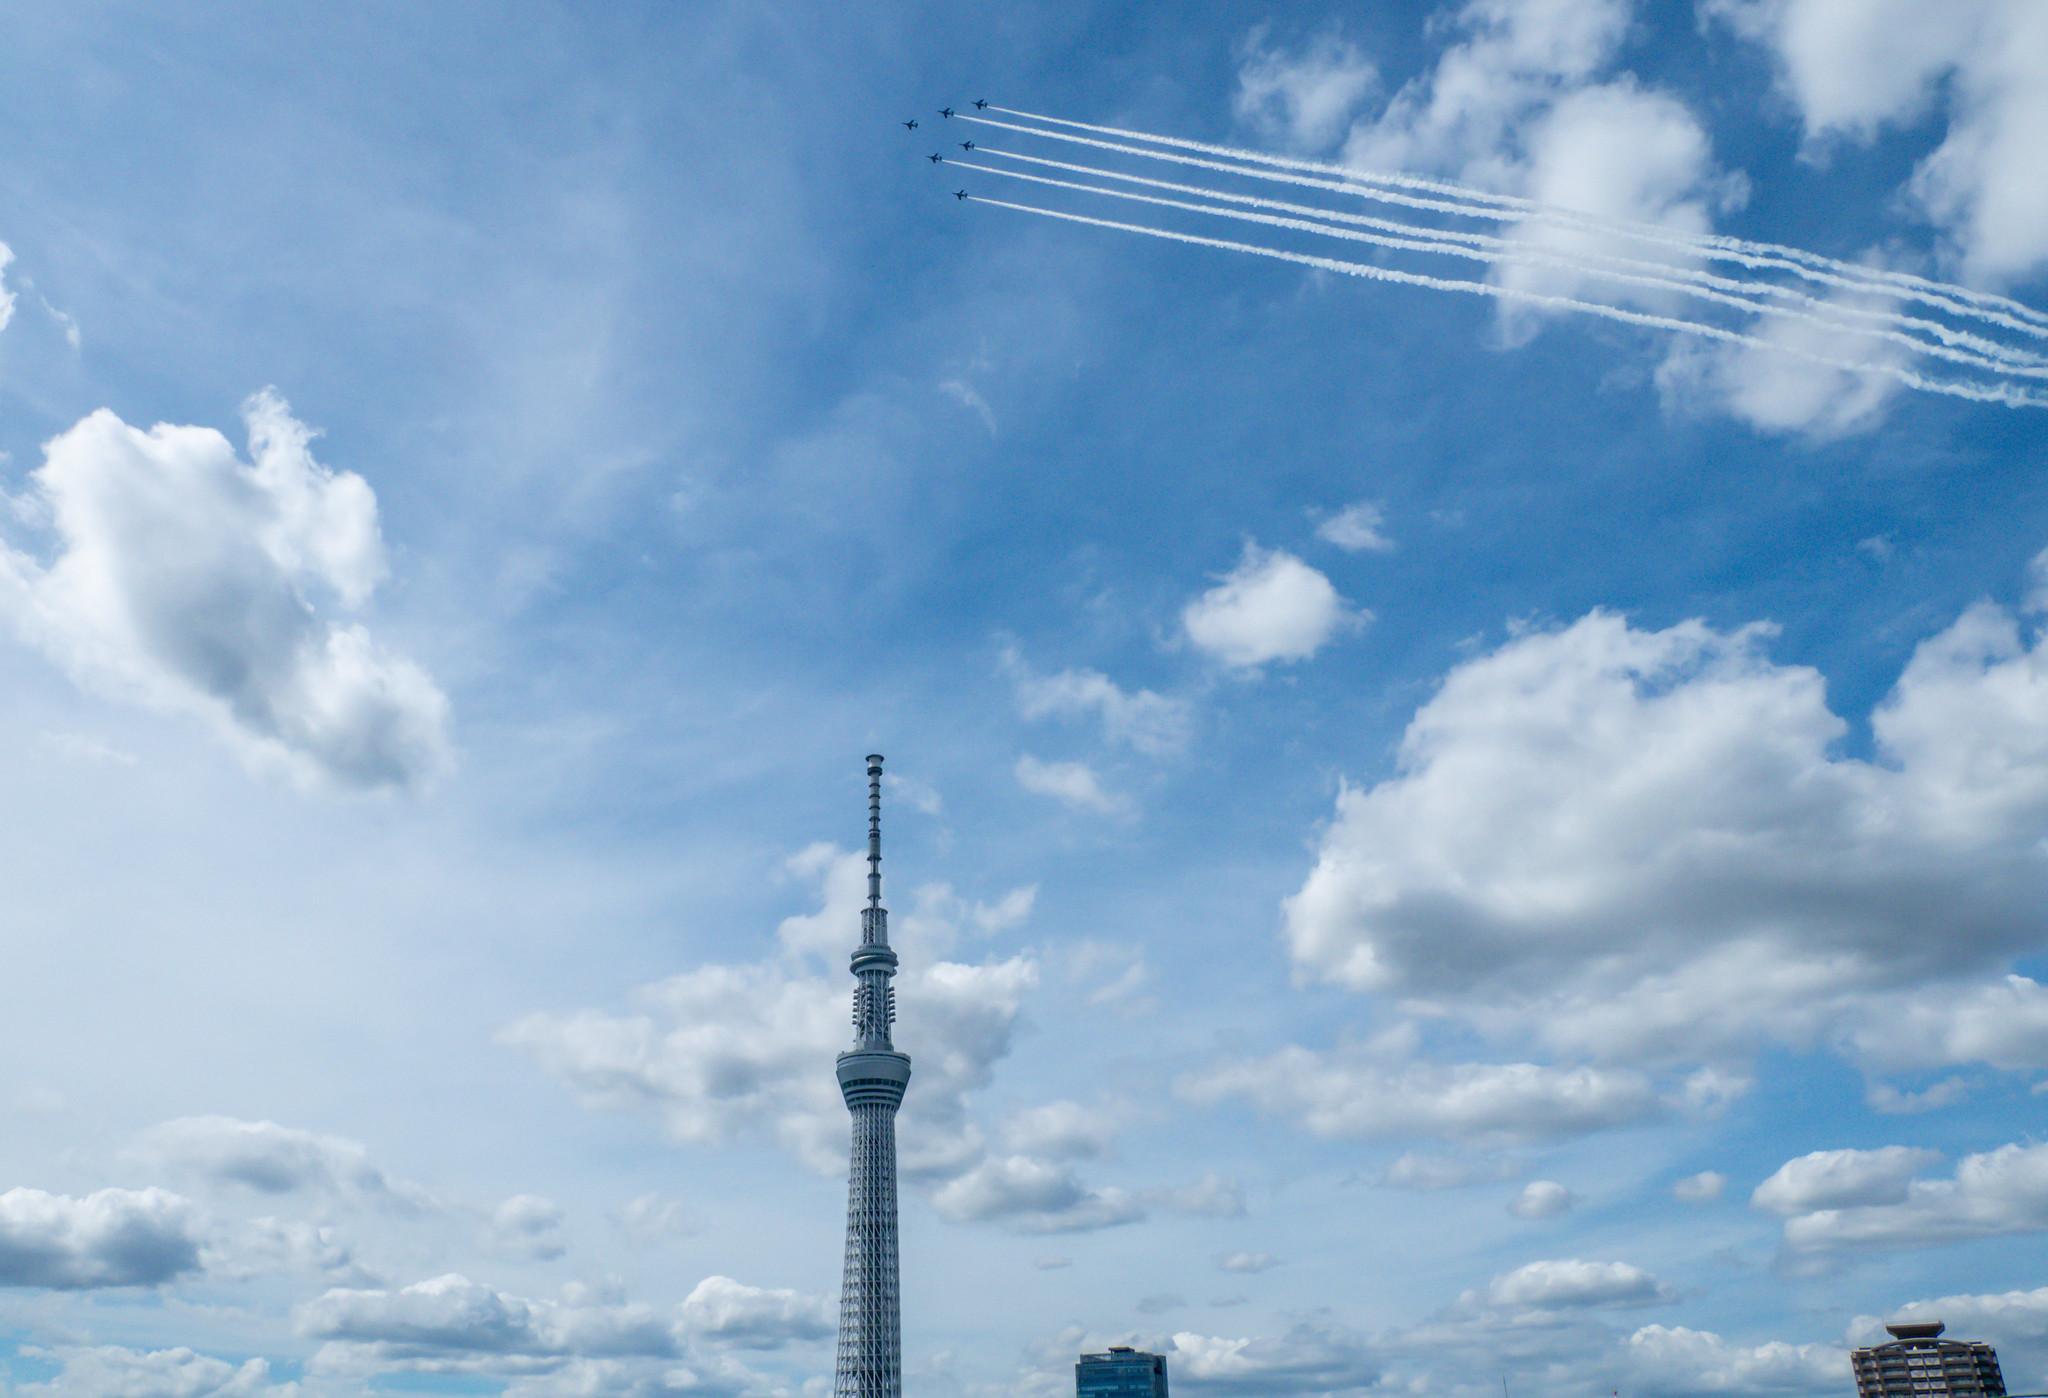 #TOKYO2020 パラリンピック ブルーインパルス展示飛行予行とスカイツリー特別ライティングとNHKアニパラ